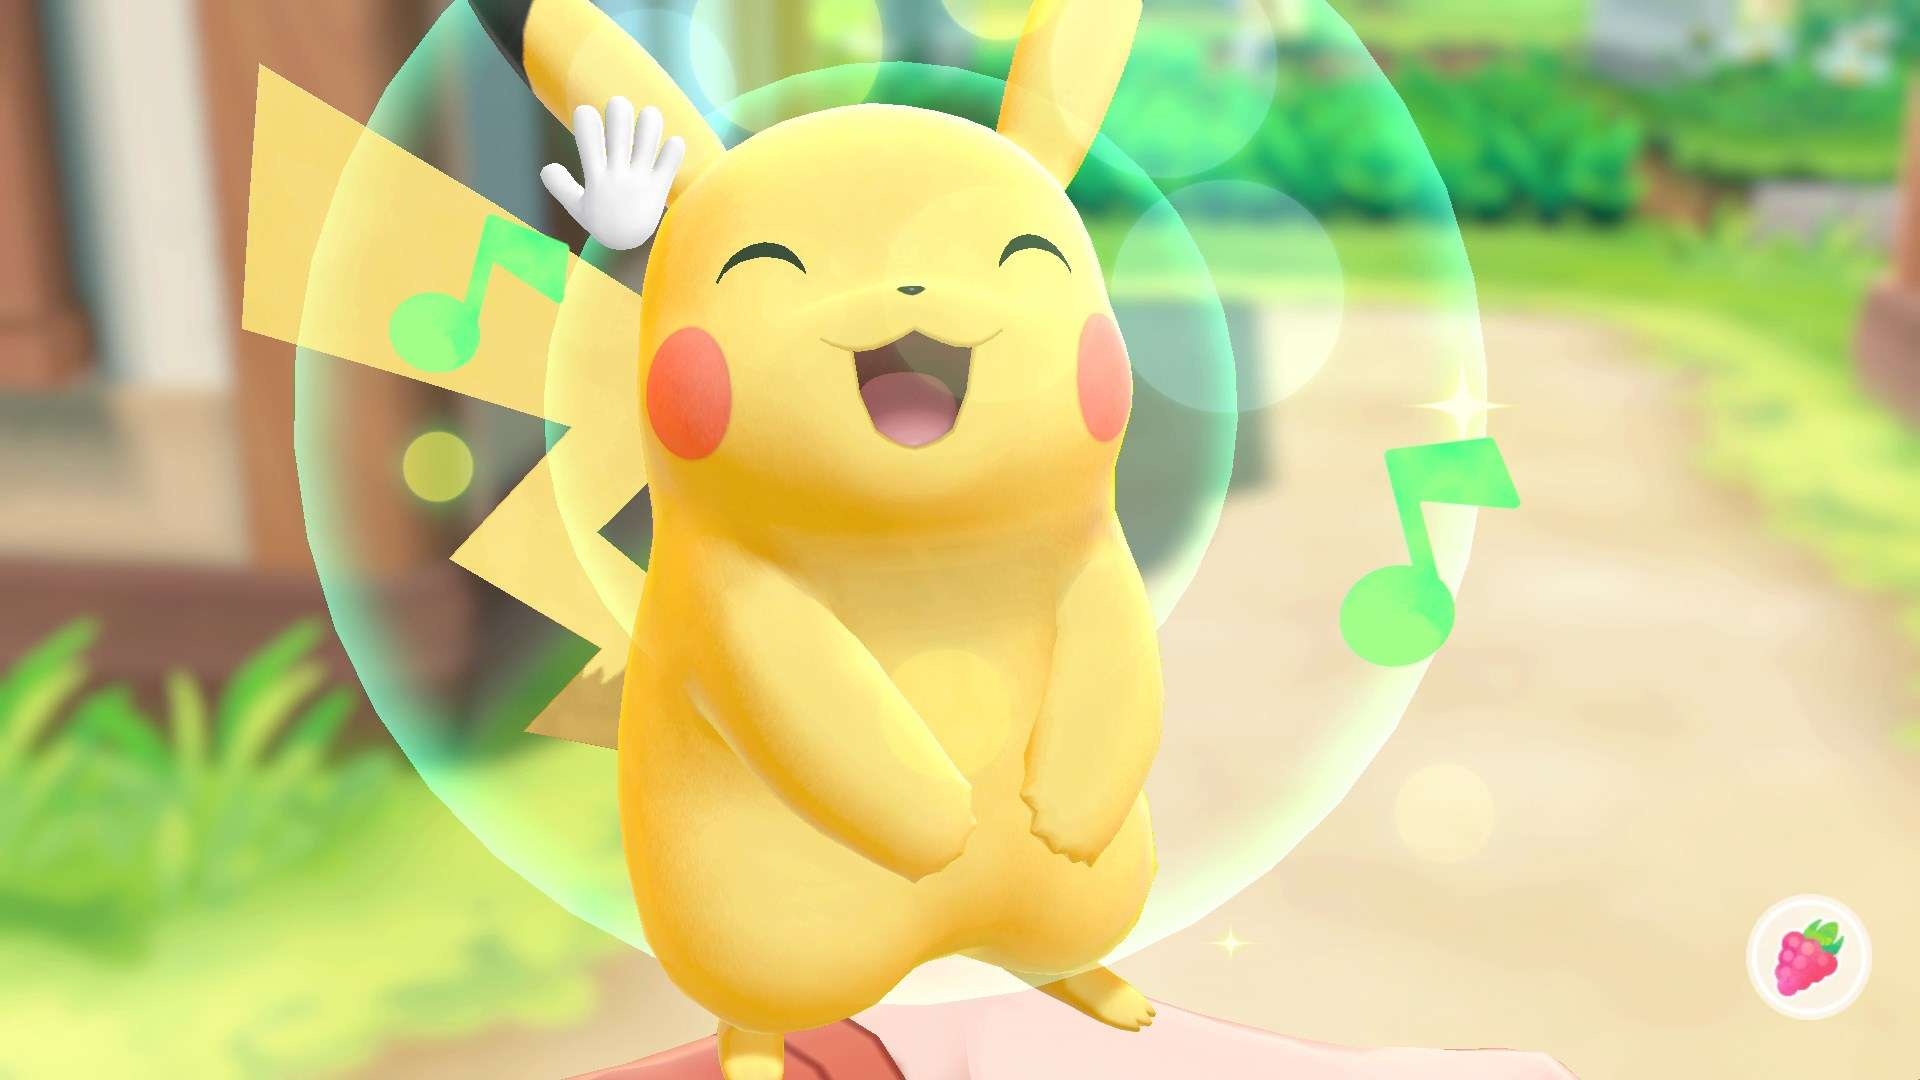 Pokémon, annunciata l'espansione del gioco di carte - IlVideogioco.com